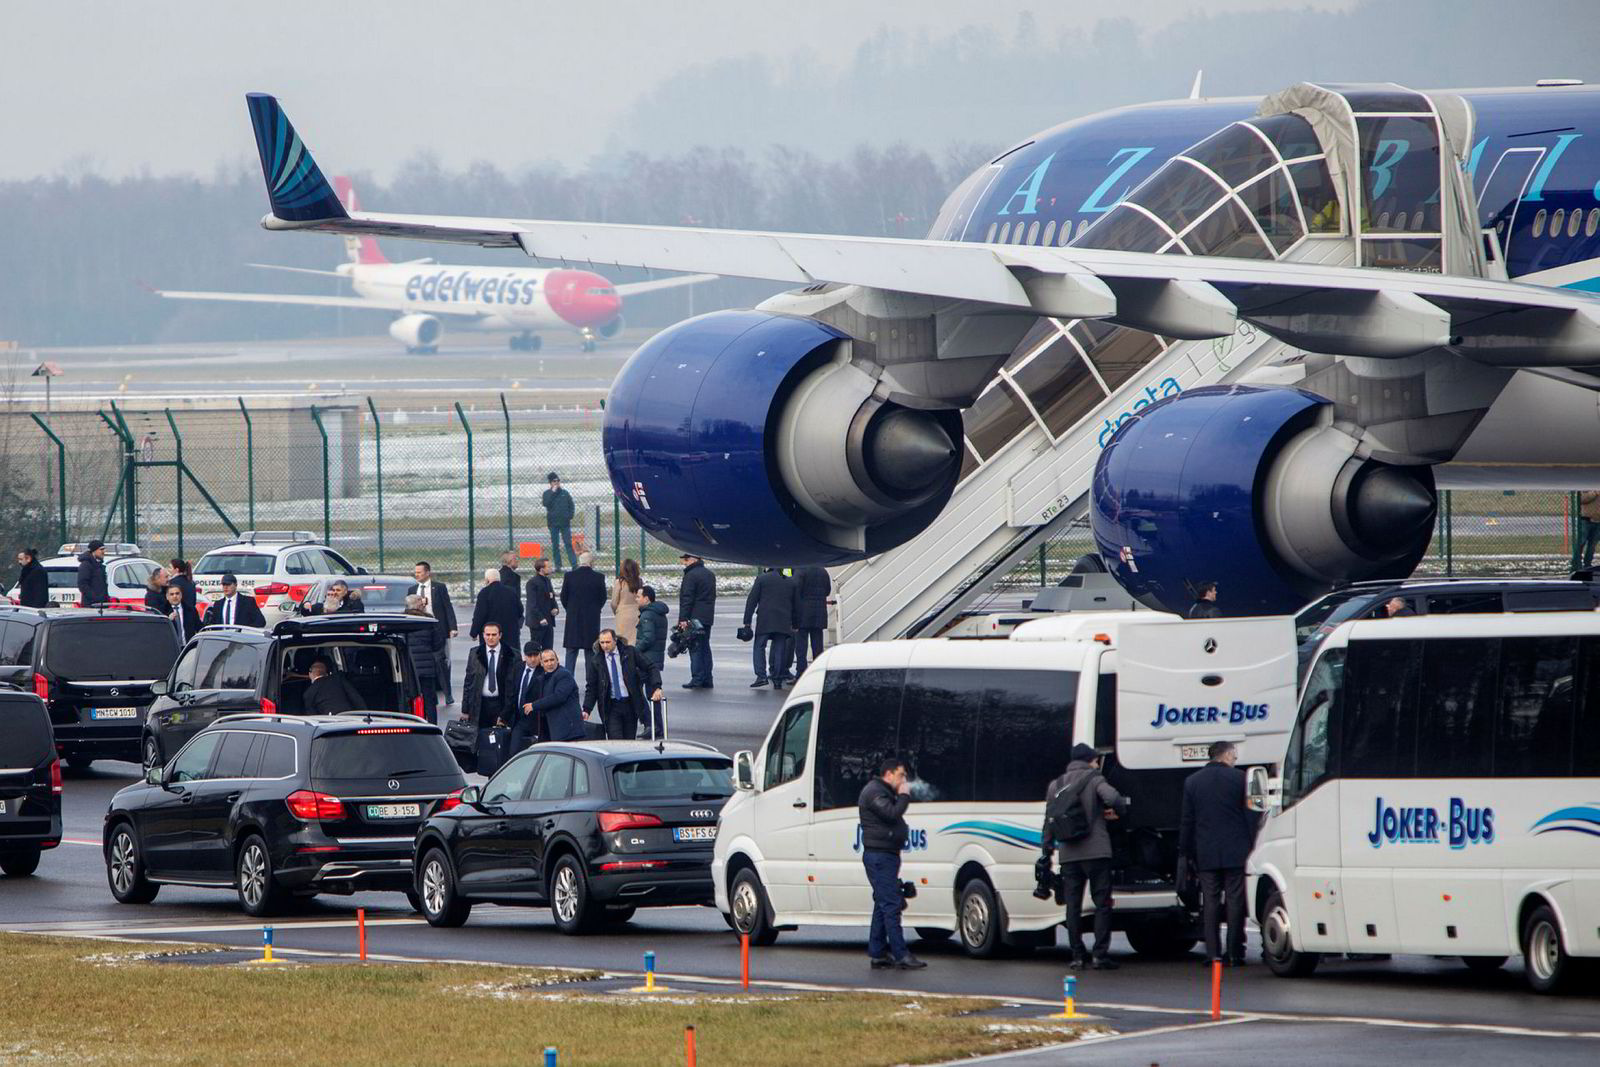 Aserbaijans svar på Air Force One er en firemotors Airbus A340 med all verdens utstyr som det sømmer seg en president, inkludert anti-missil-system og påfylling av drivstoff i luften. Delegasjonen på over sytti personer ble kjørt i konvoi fra flyplassen den to timer lange veien til Davos.